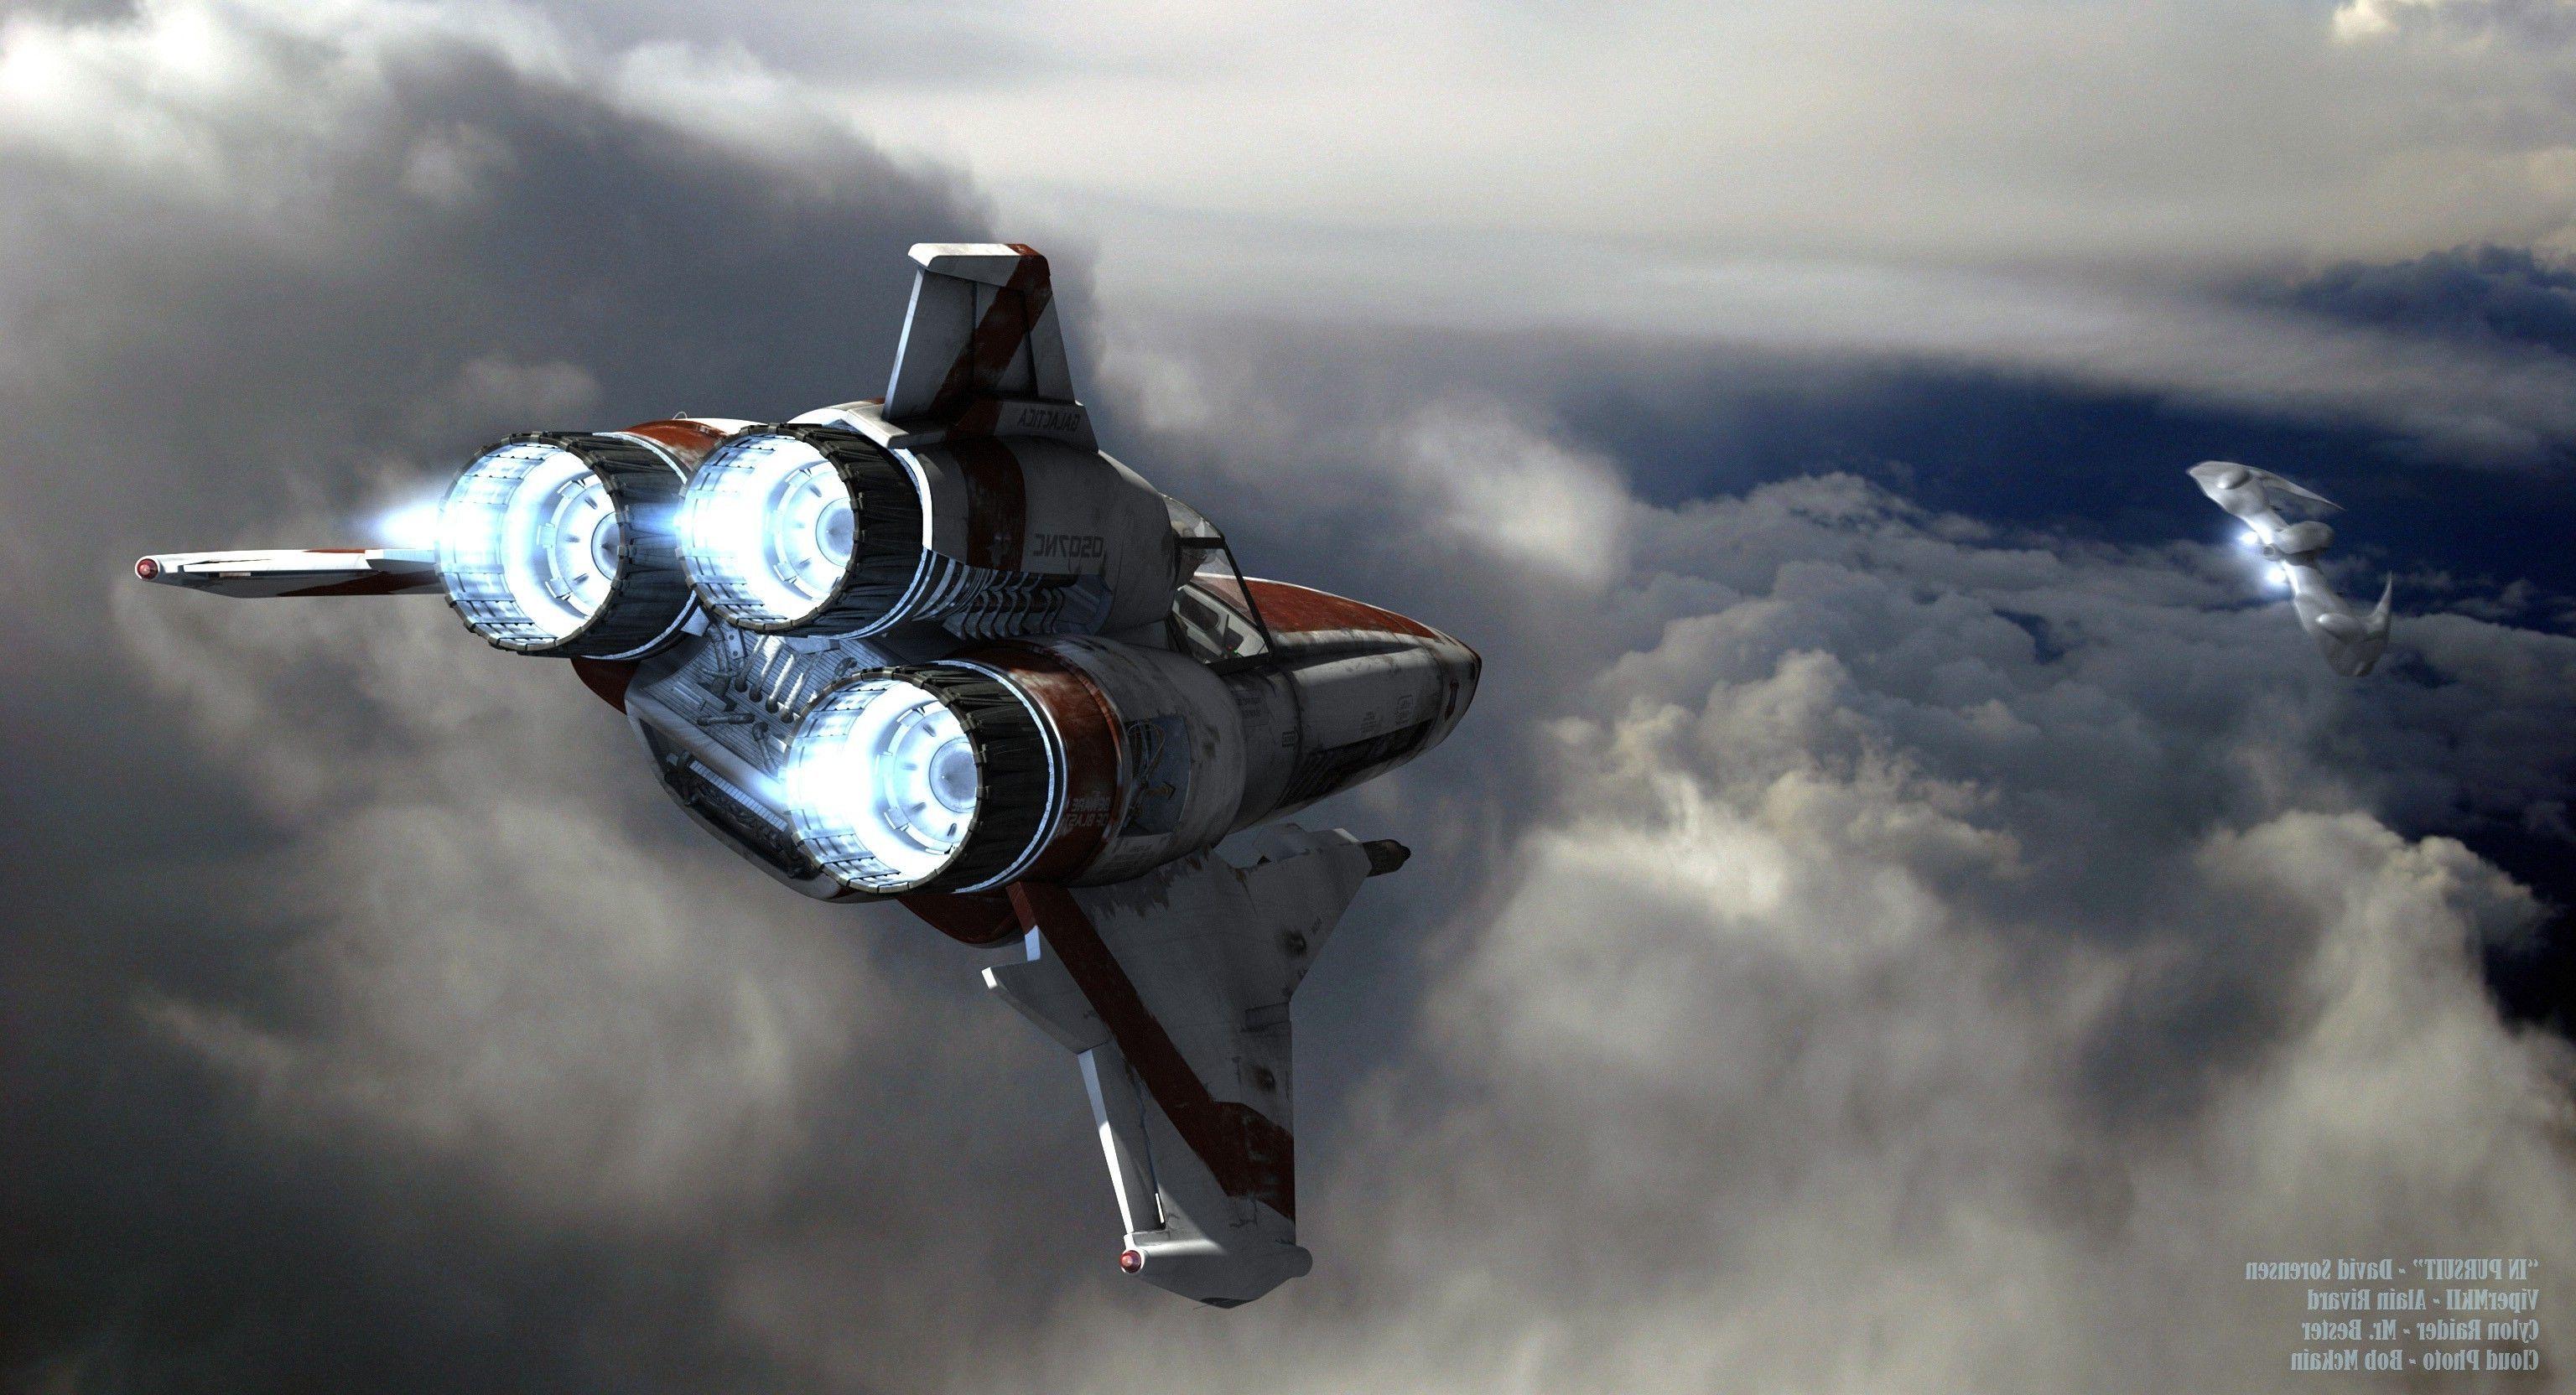 Space Battlestar Galactica Wallpapers Hd Desktop And Mobile Hd Wallpaper Nebula Wallpaper Hd Desktop